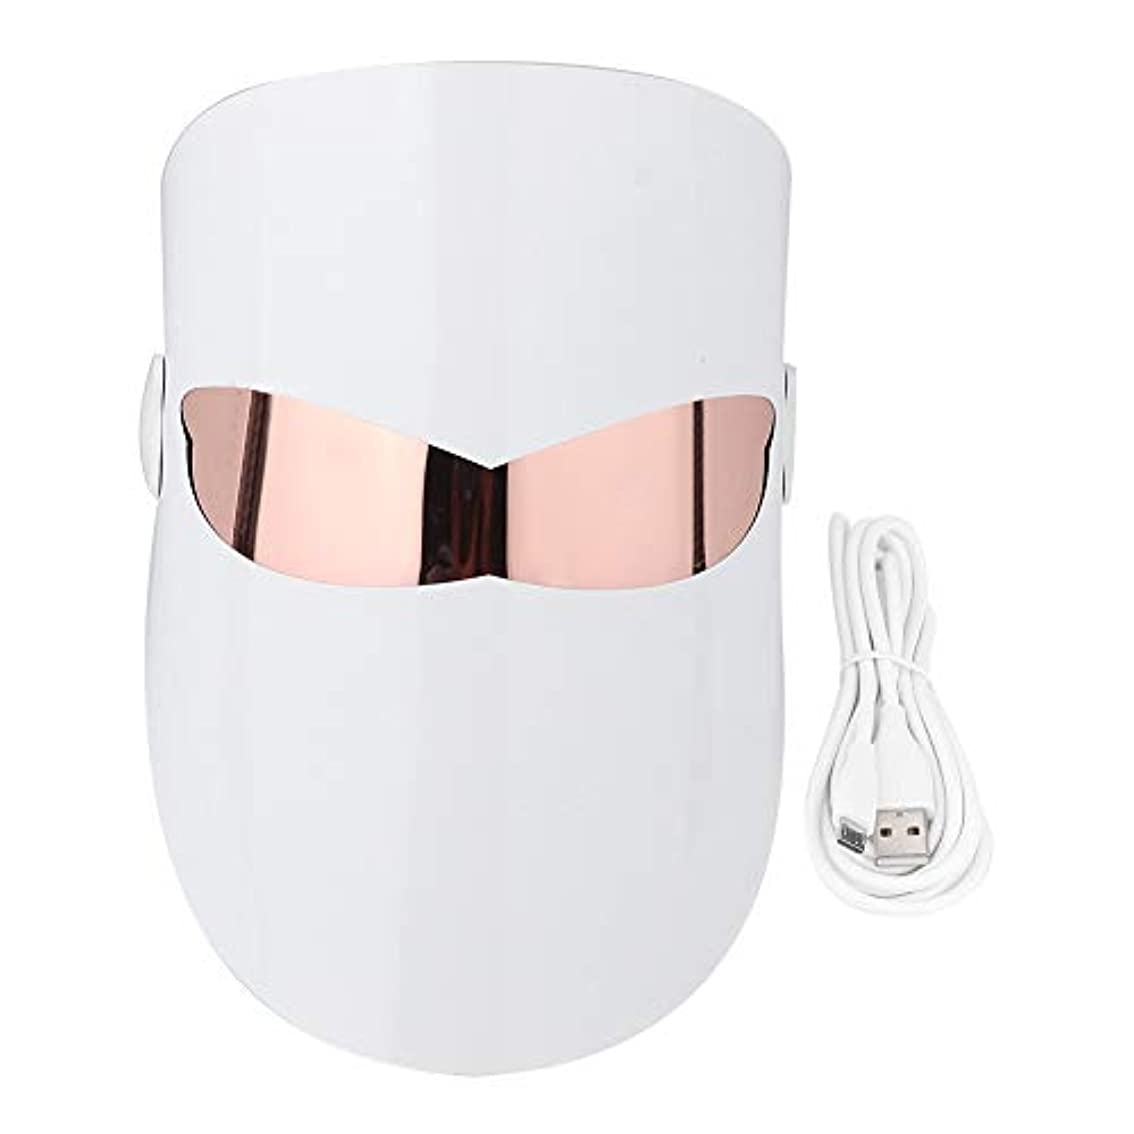 電池主導権ハードリングPhoton 32 LEDライトフェイスマスクホワイトニングリジュビネーションマッサージ栄養コラーゲン回復にきび除去スパ美容機器フェイス&ネックスキンケアマスク